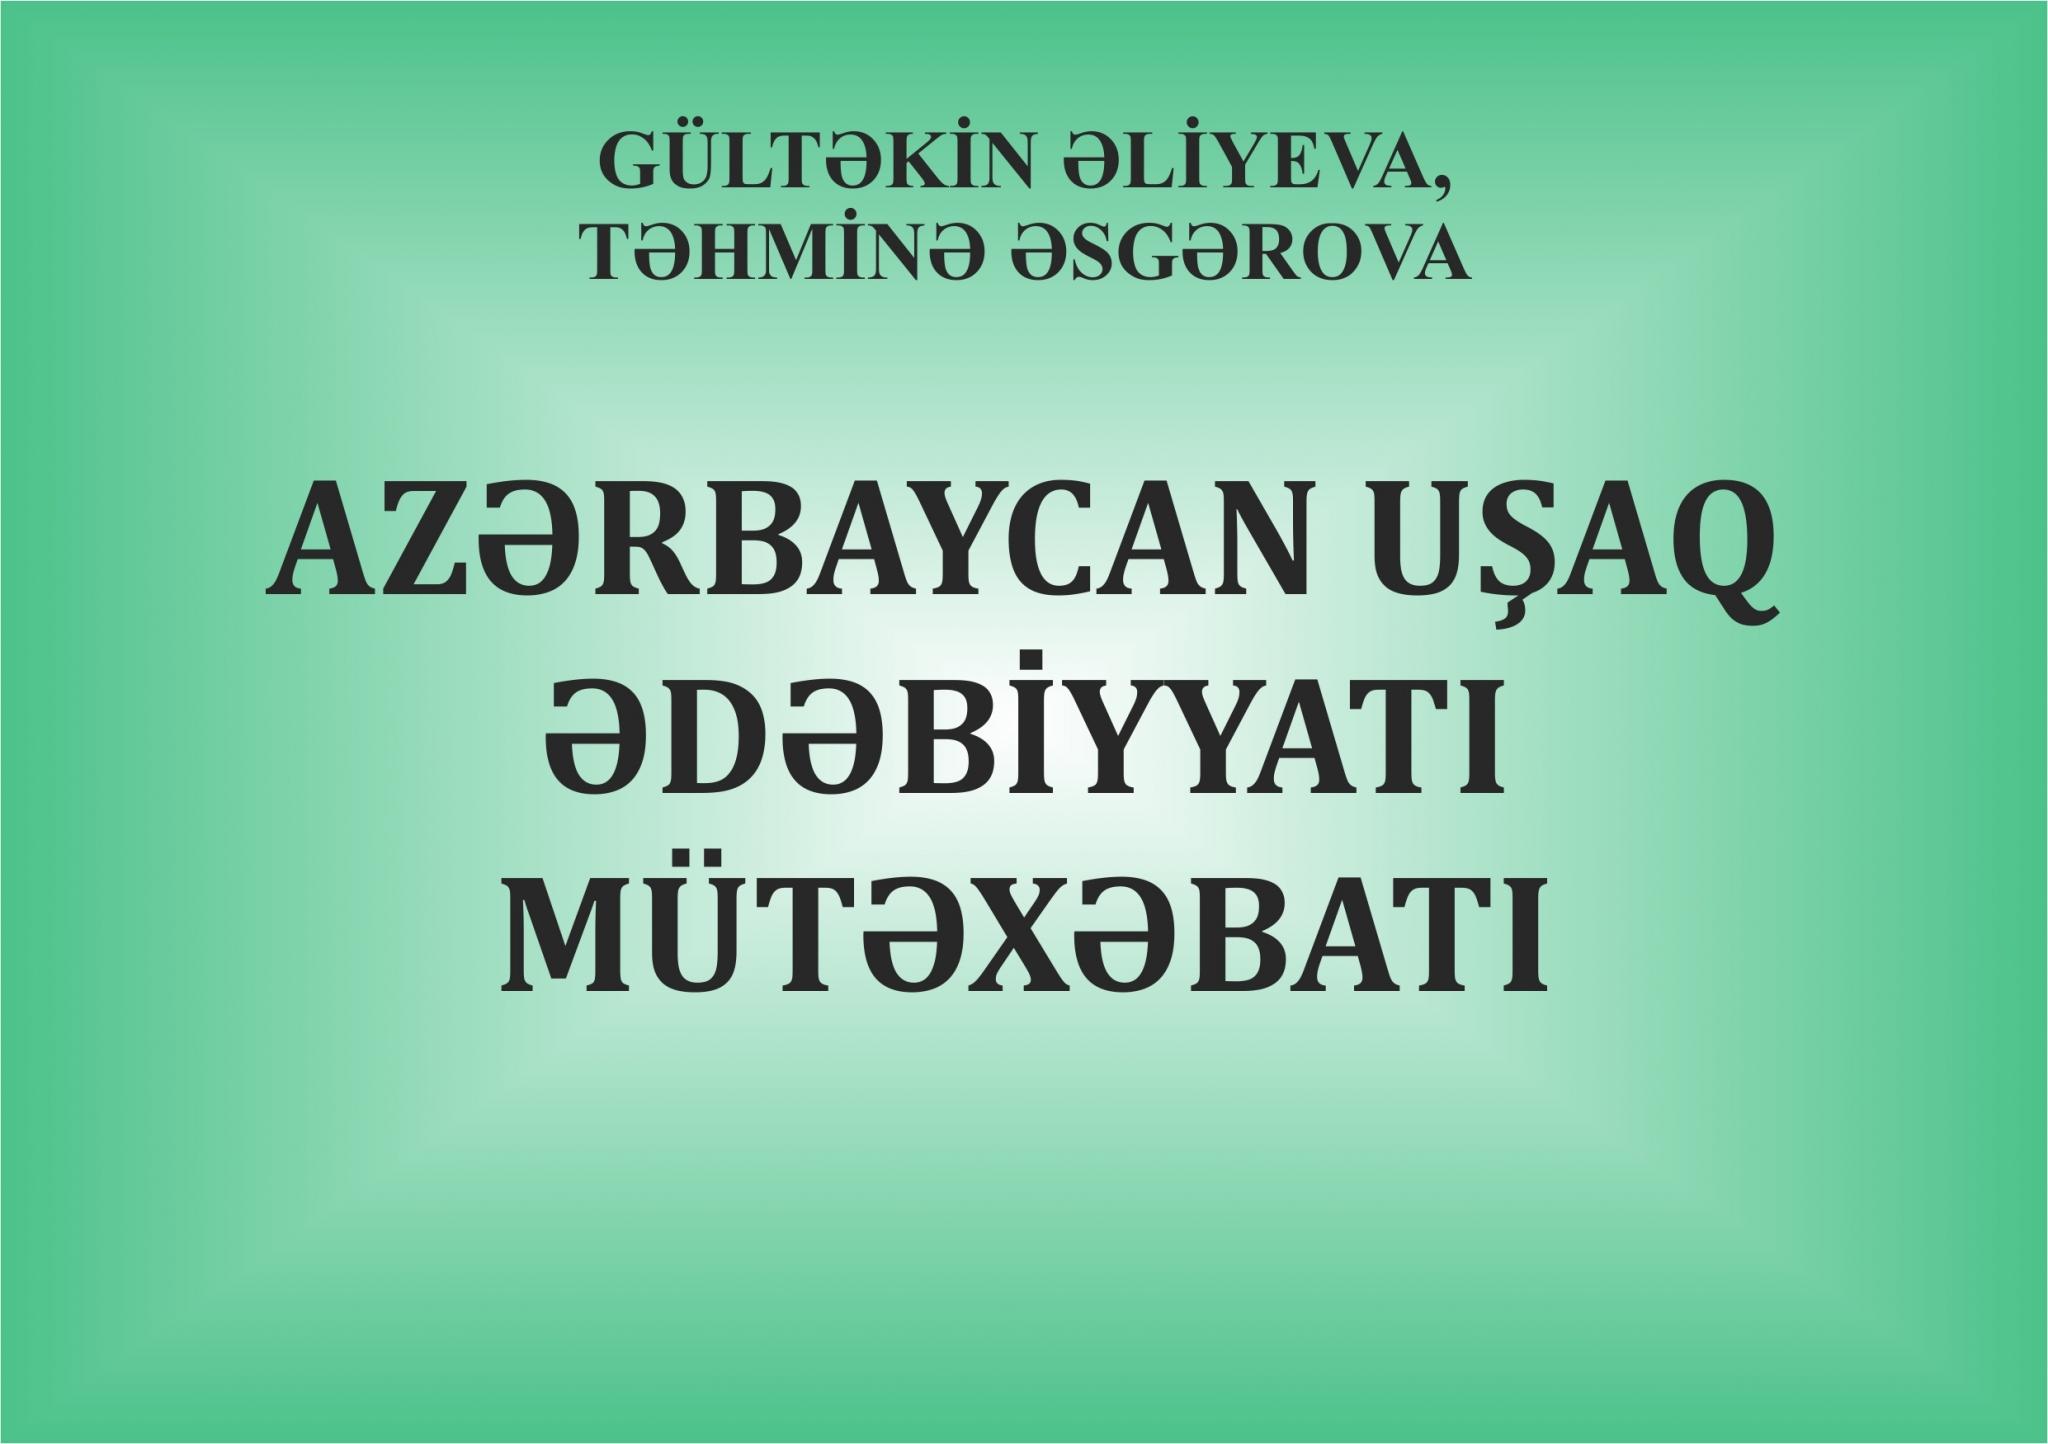 Azərbaycan  Uşaq  Ədəbiyyatı  Müntəxabatı